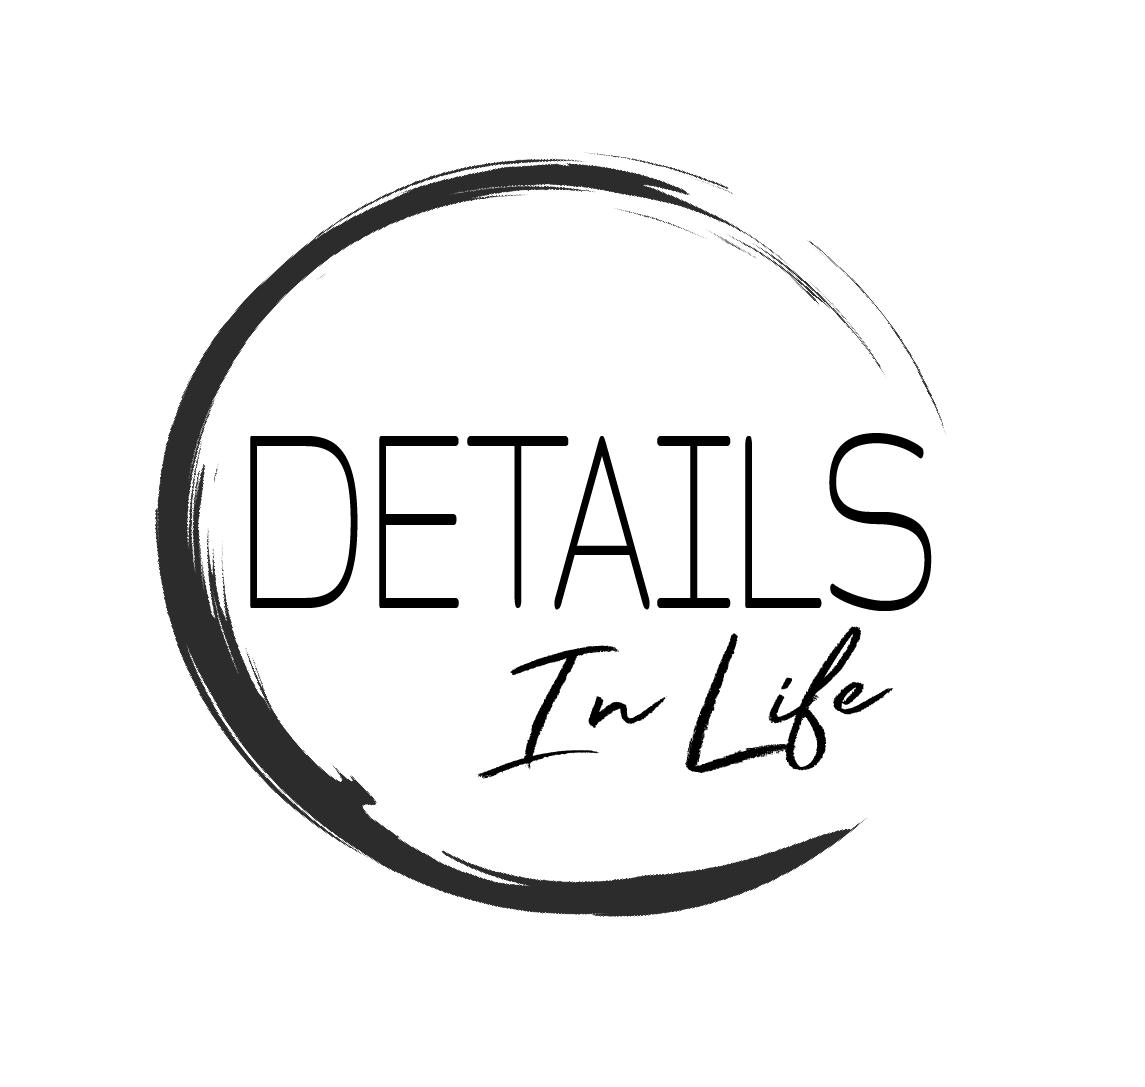 detailsinlife.png